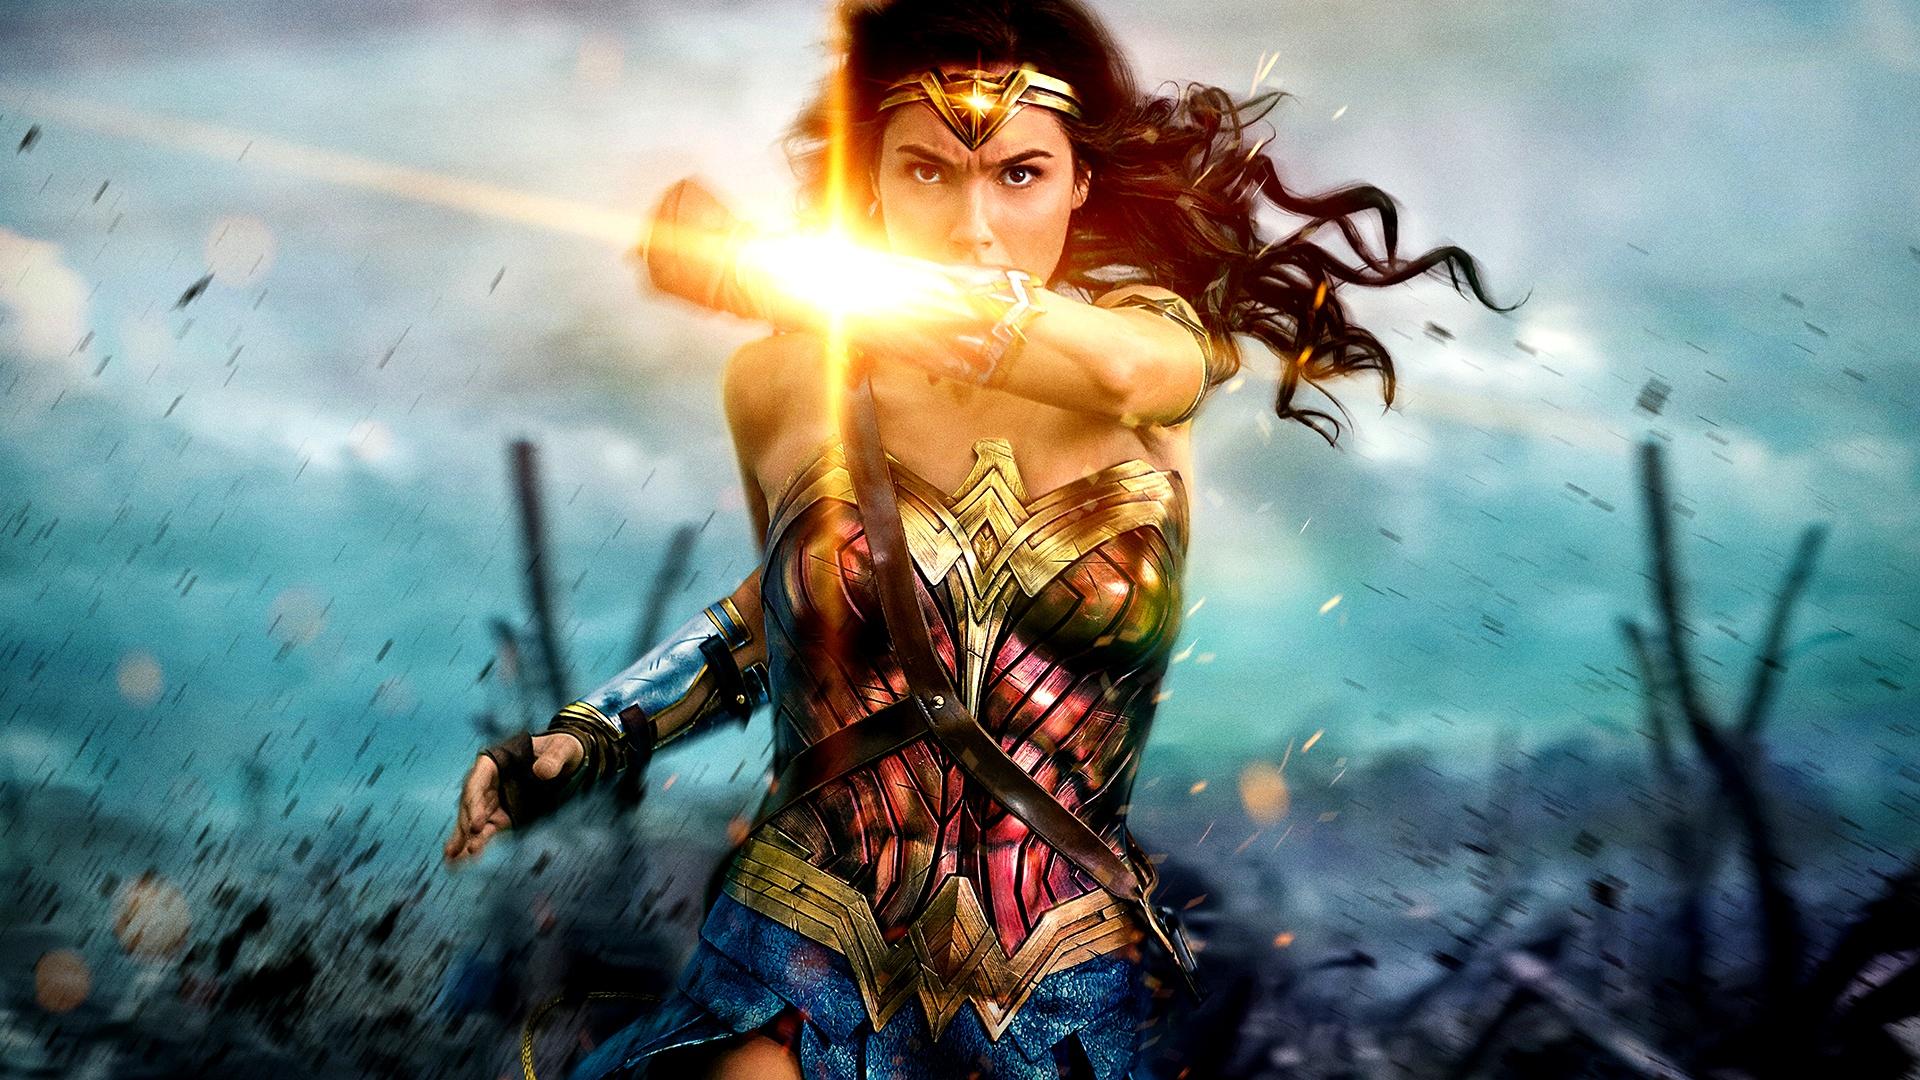 Wonder Woman Movie Wallpaper 1: Movie Fanart